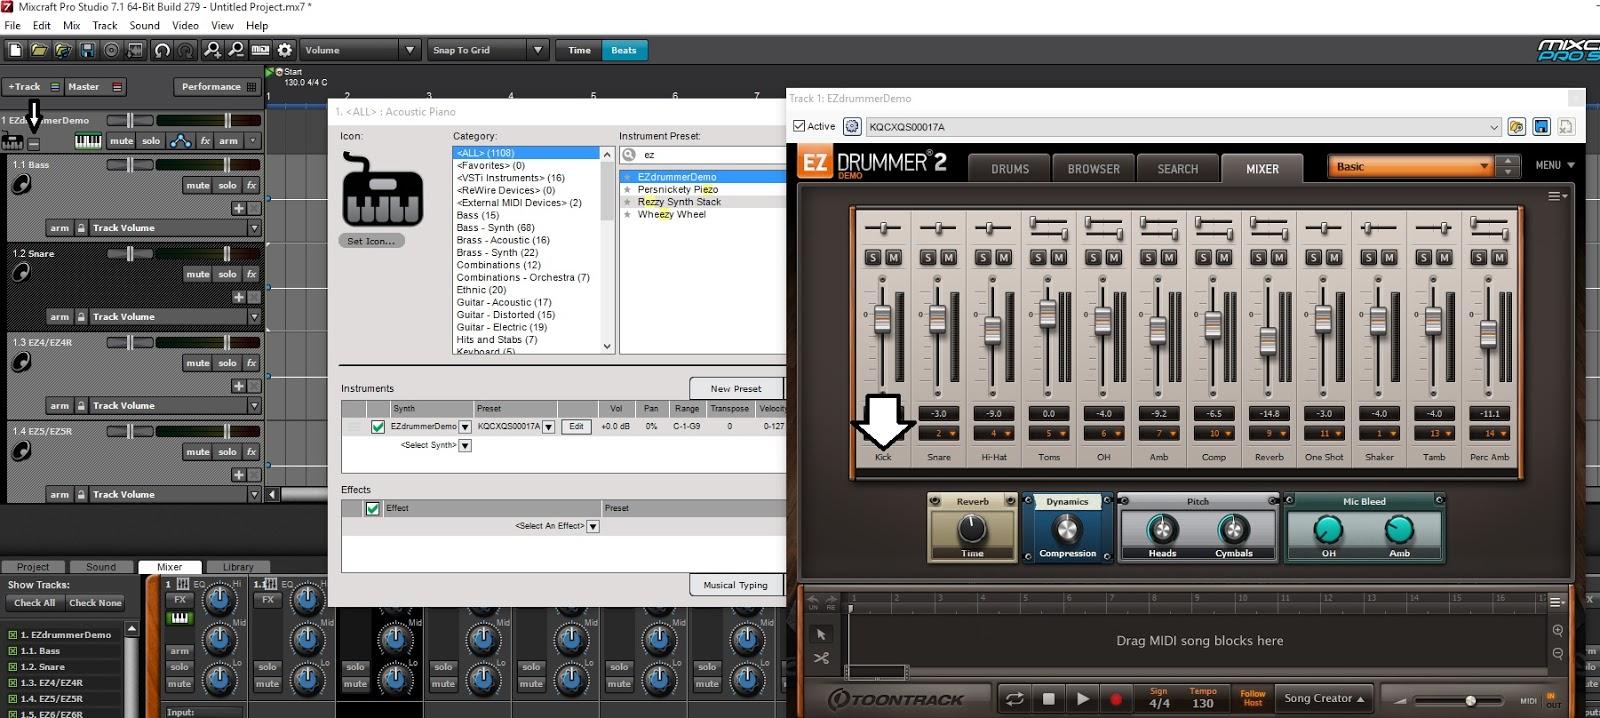 ezdrummer 3 demo